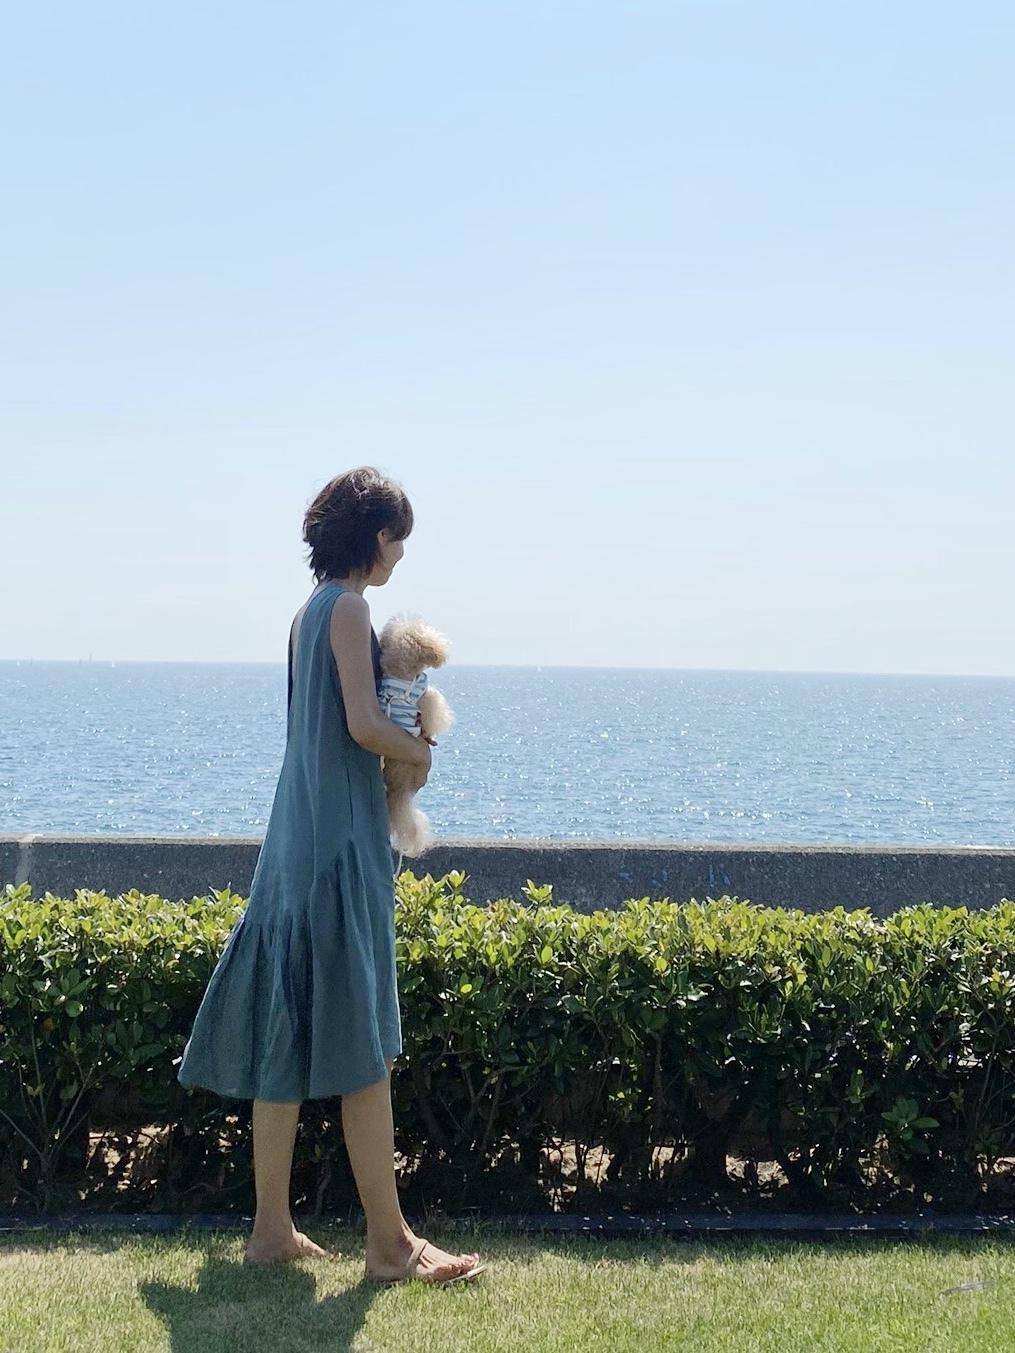 ワンコと一緒の夏休み_1_4